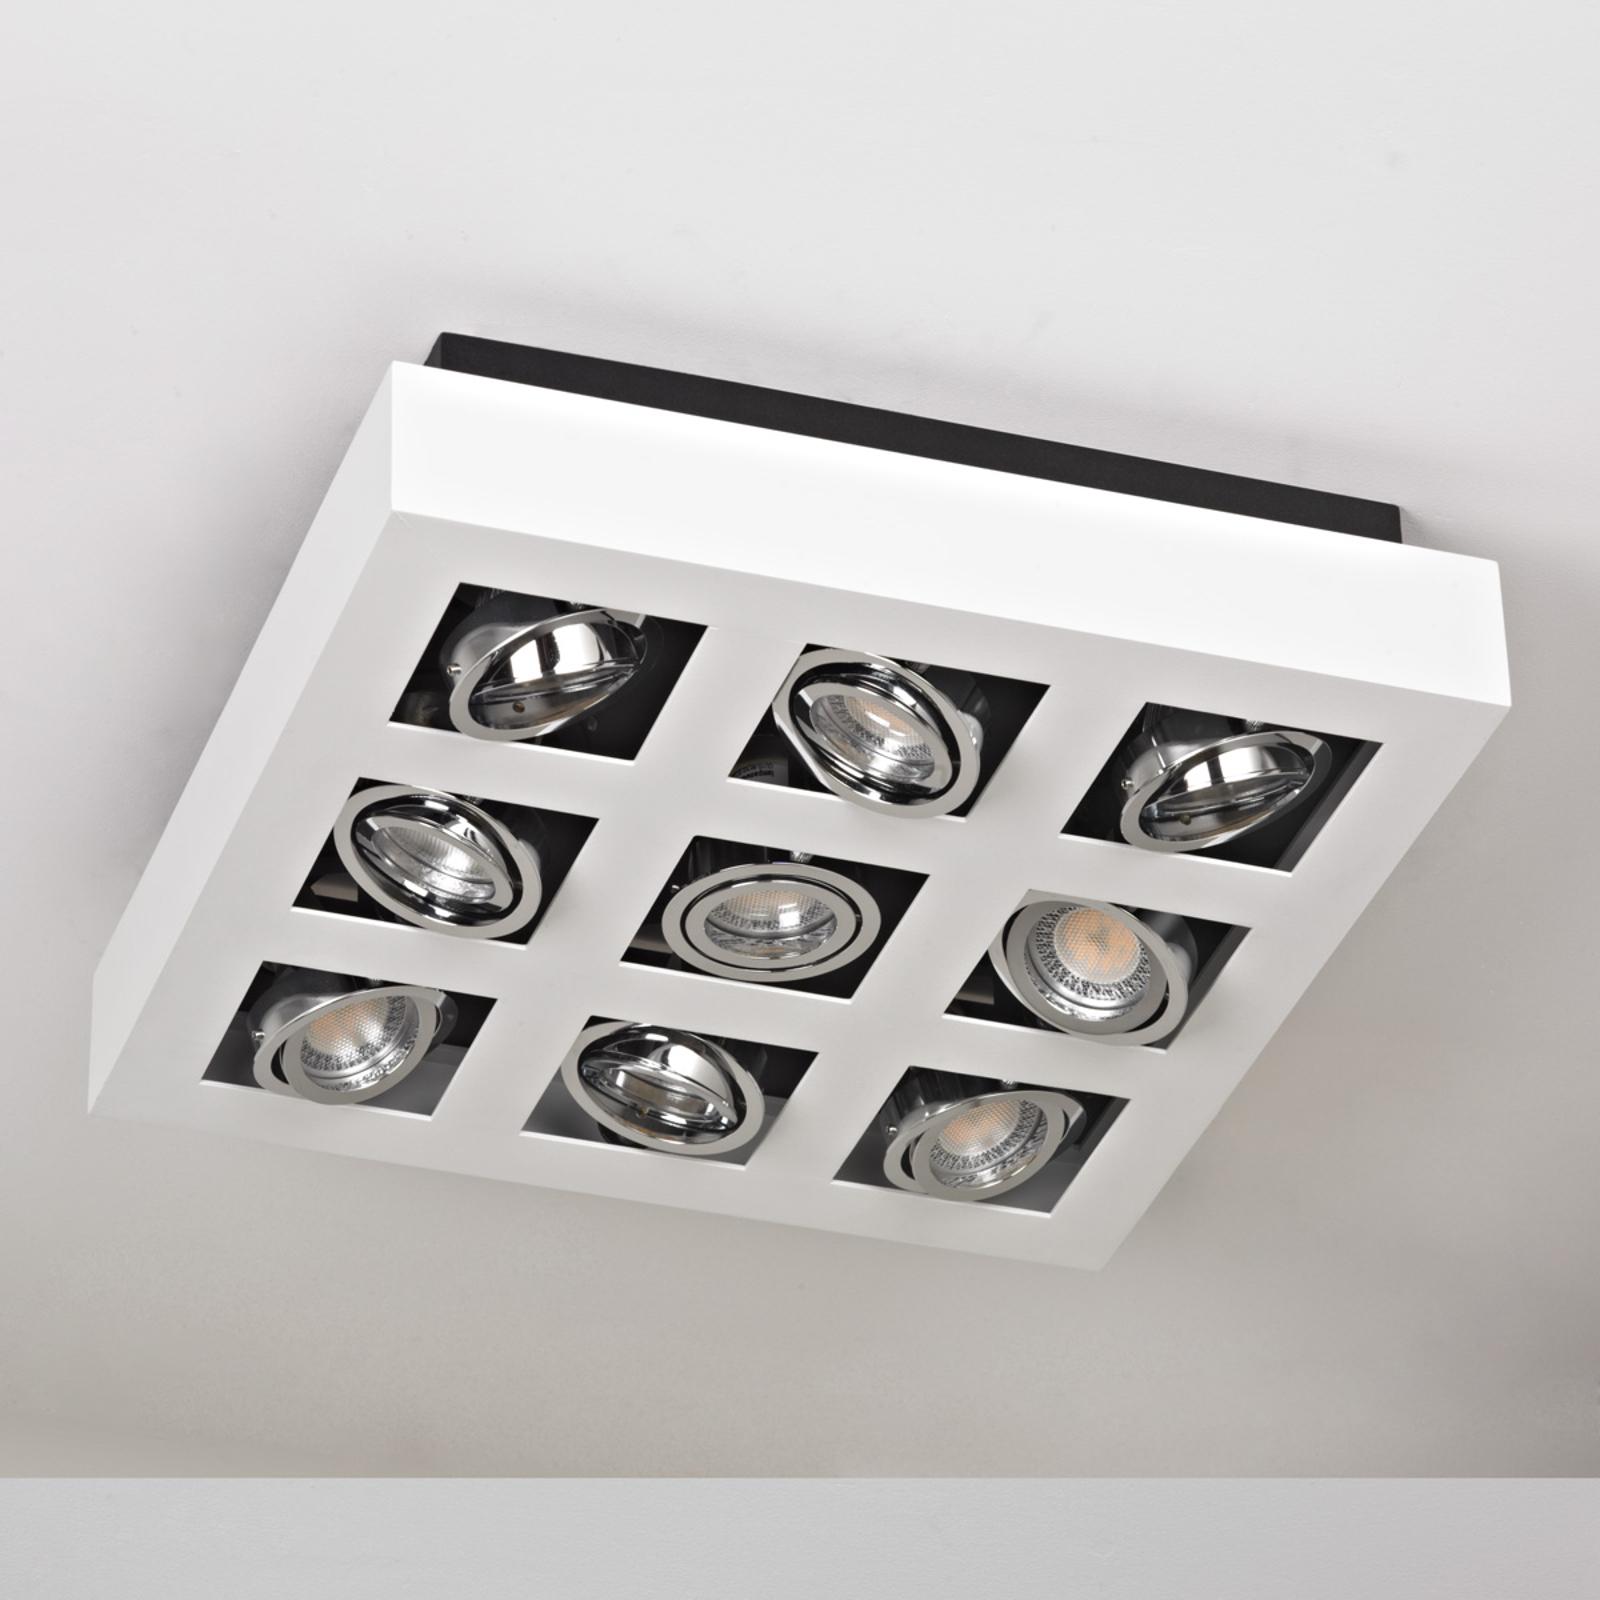 neun lampen für wohnzimmer led